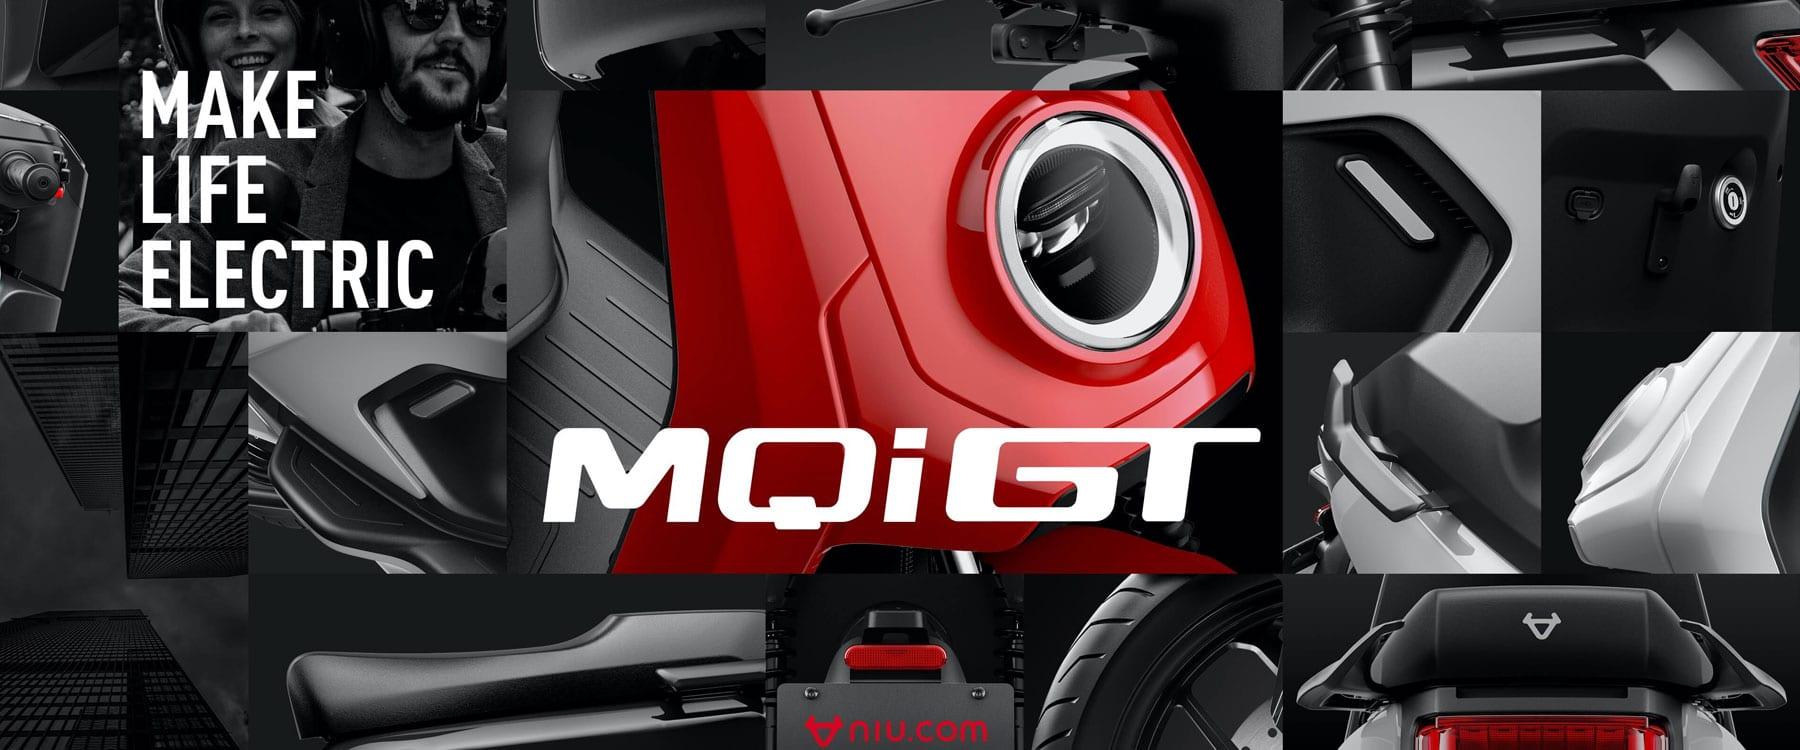 MQi GT make life electric bike